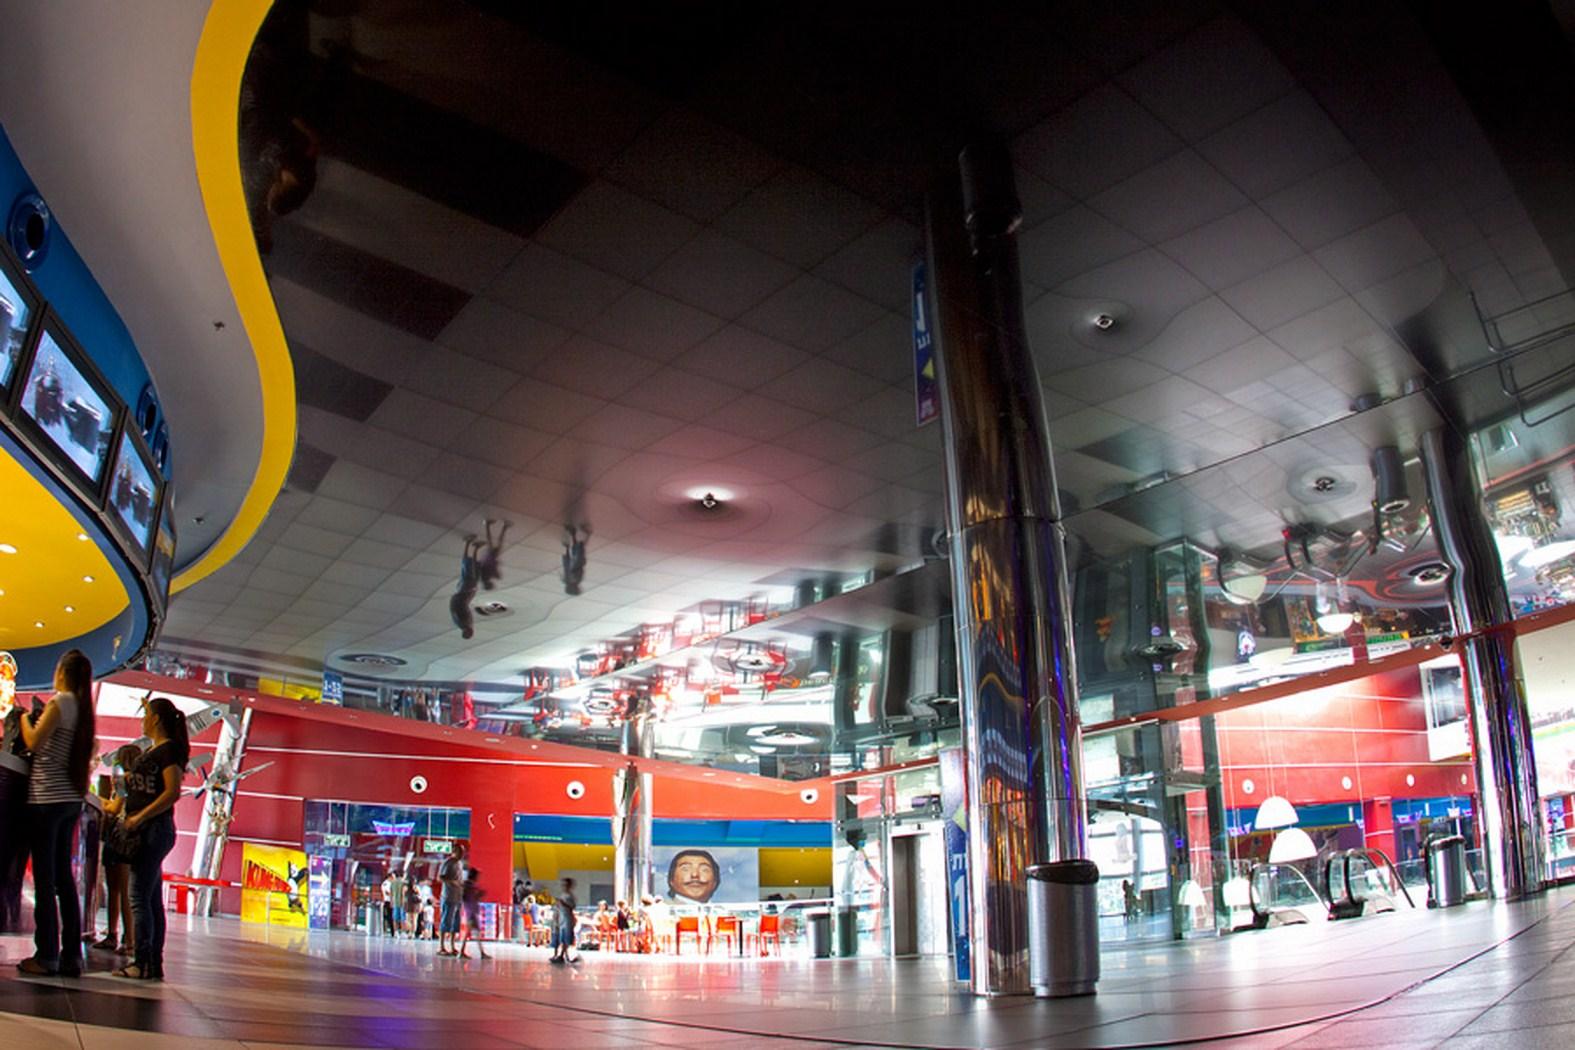 המשך פרויקט רשת בתי קולנוע סינמה סיטי